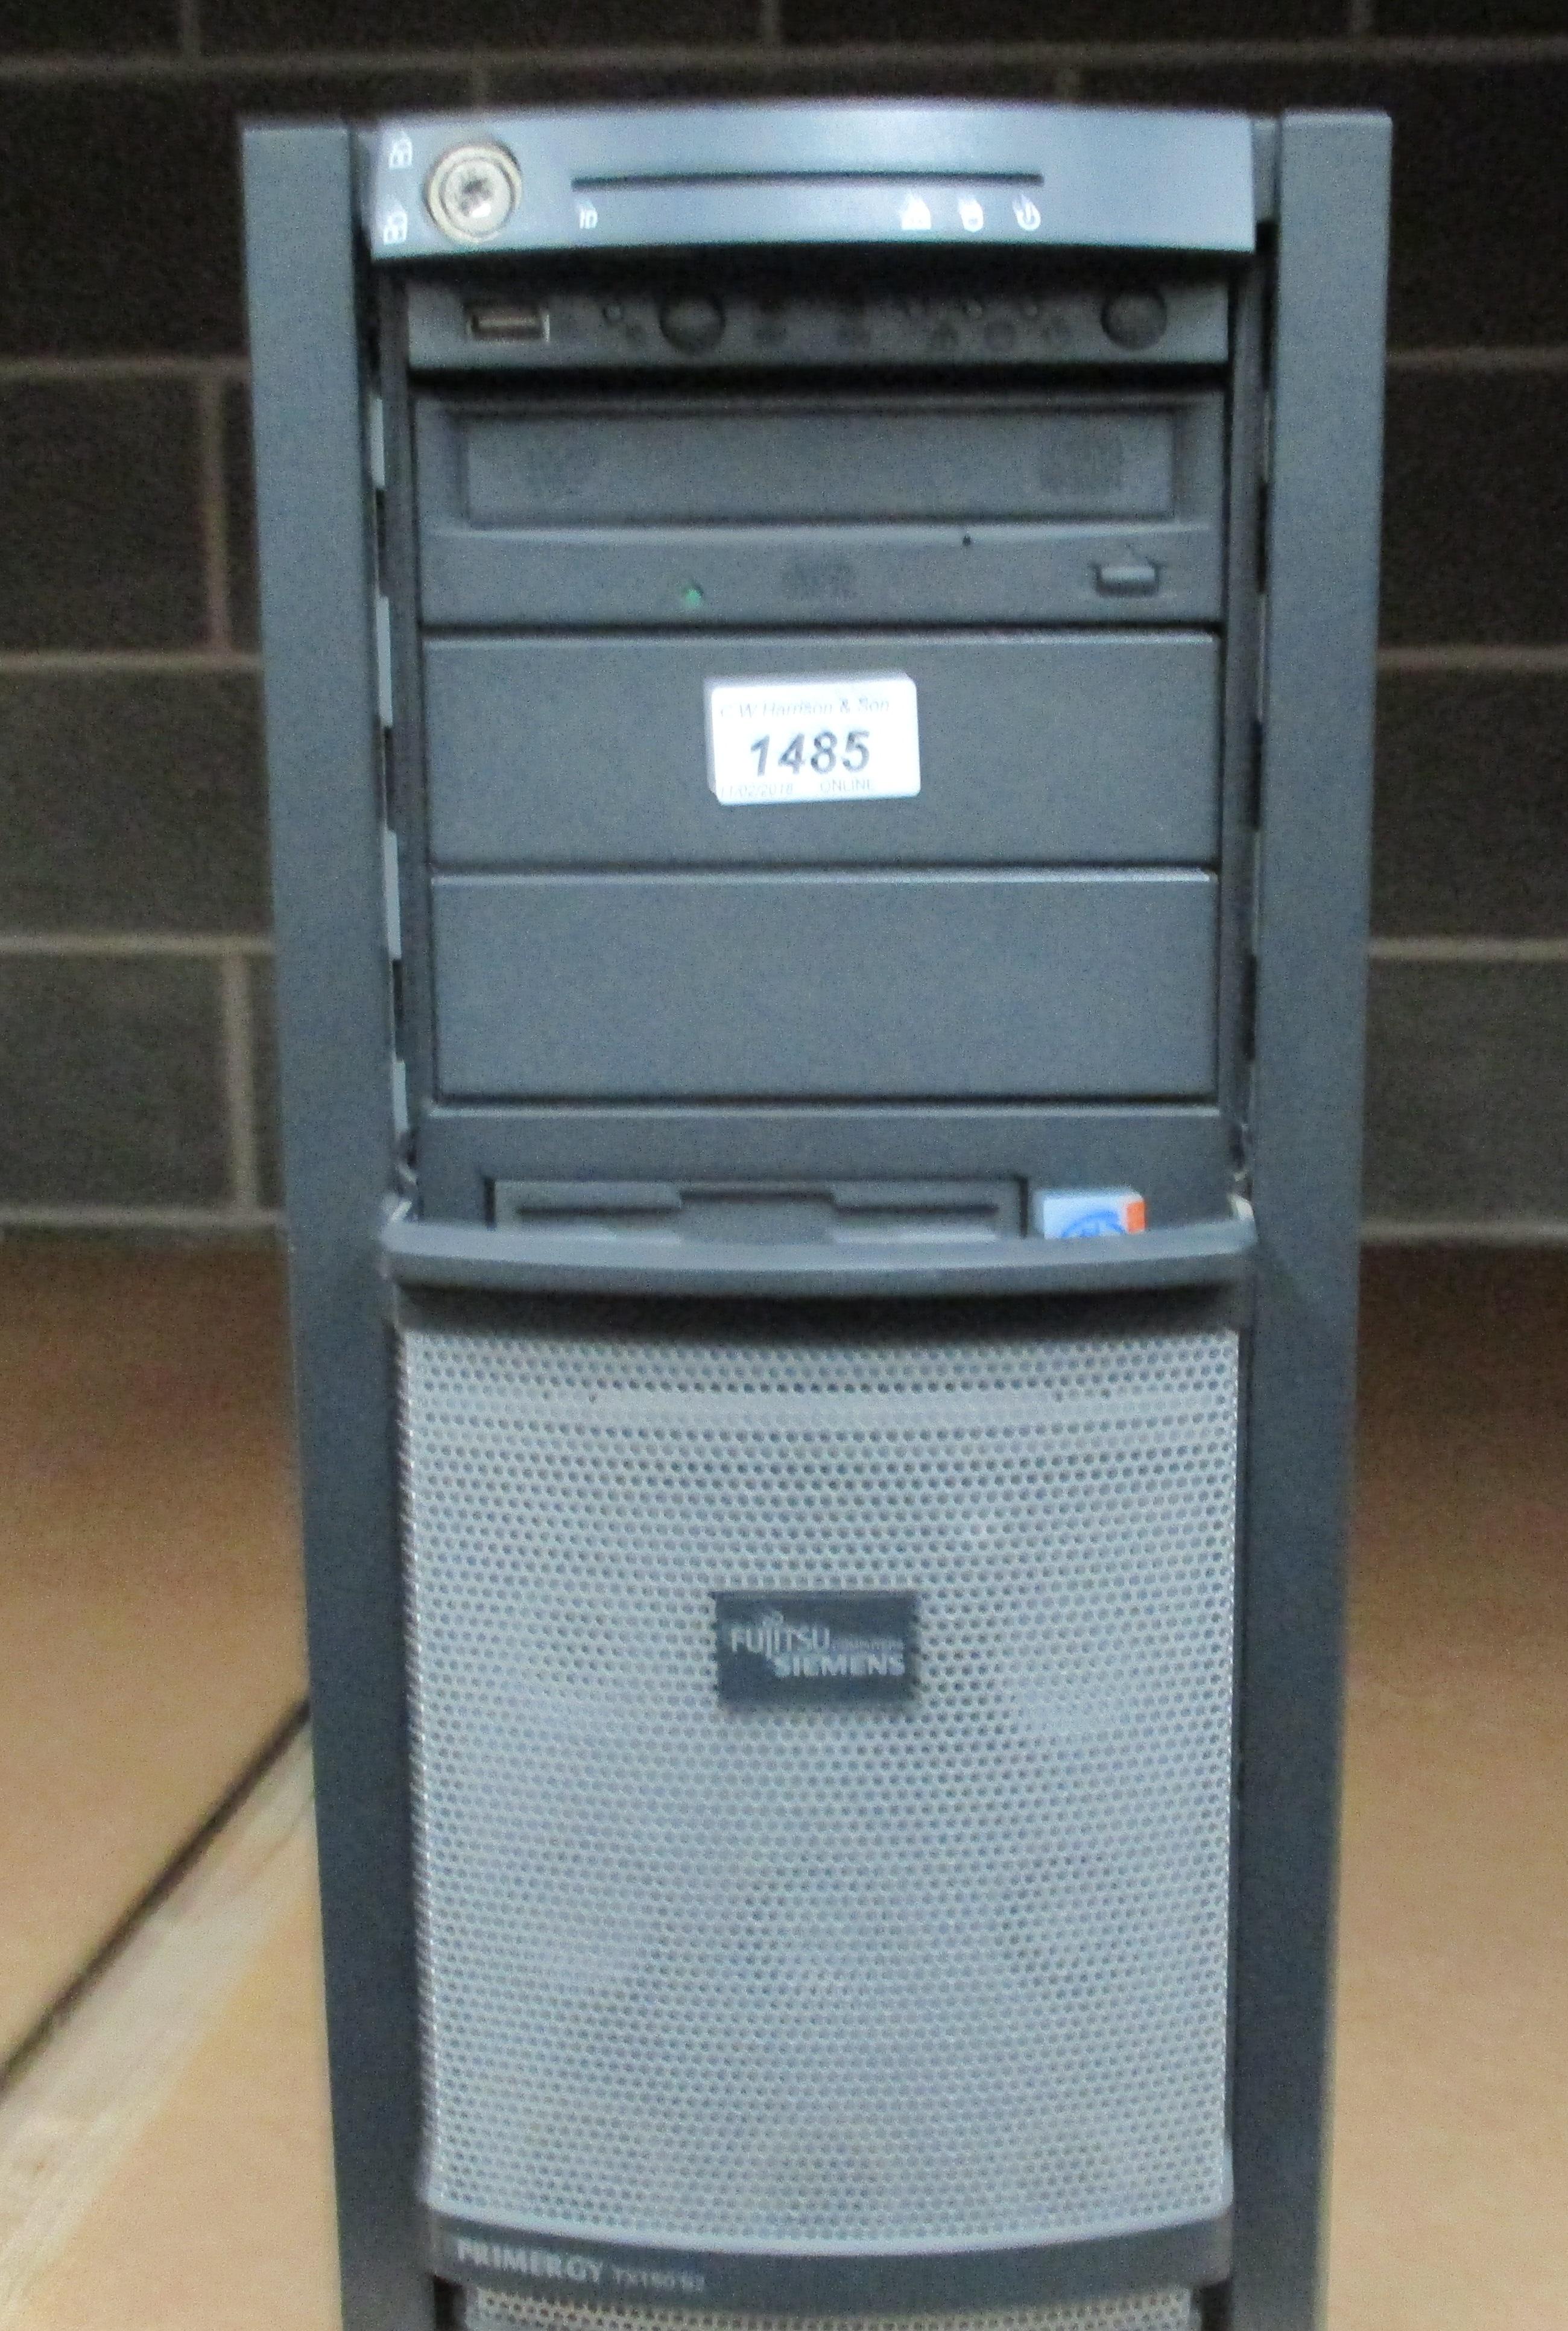 Lot 1485 - A Fujitsu Siemens tower server - no power lead